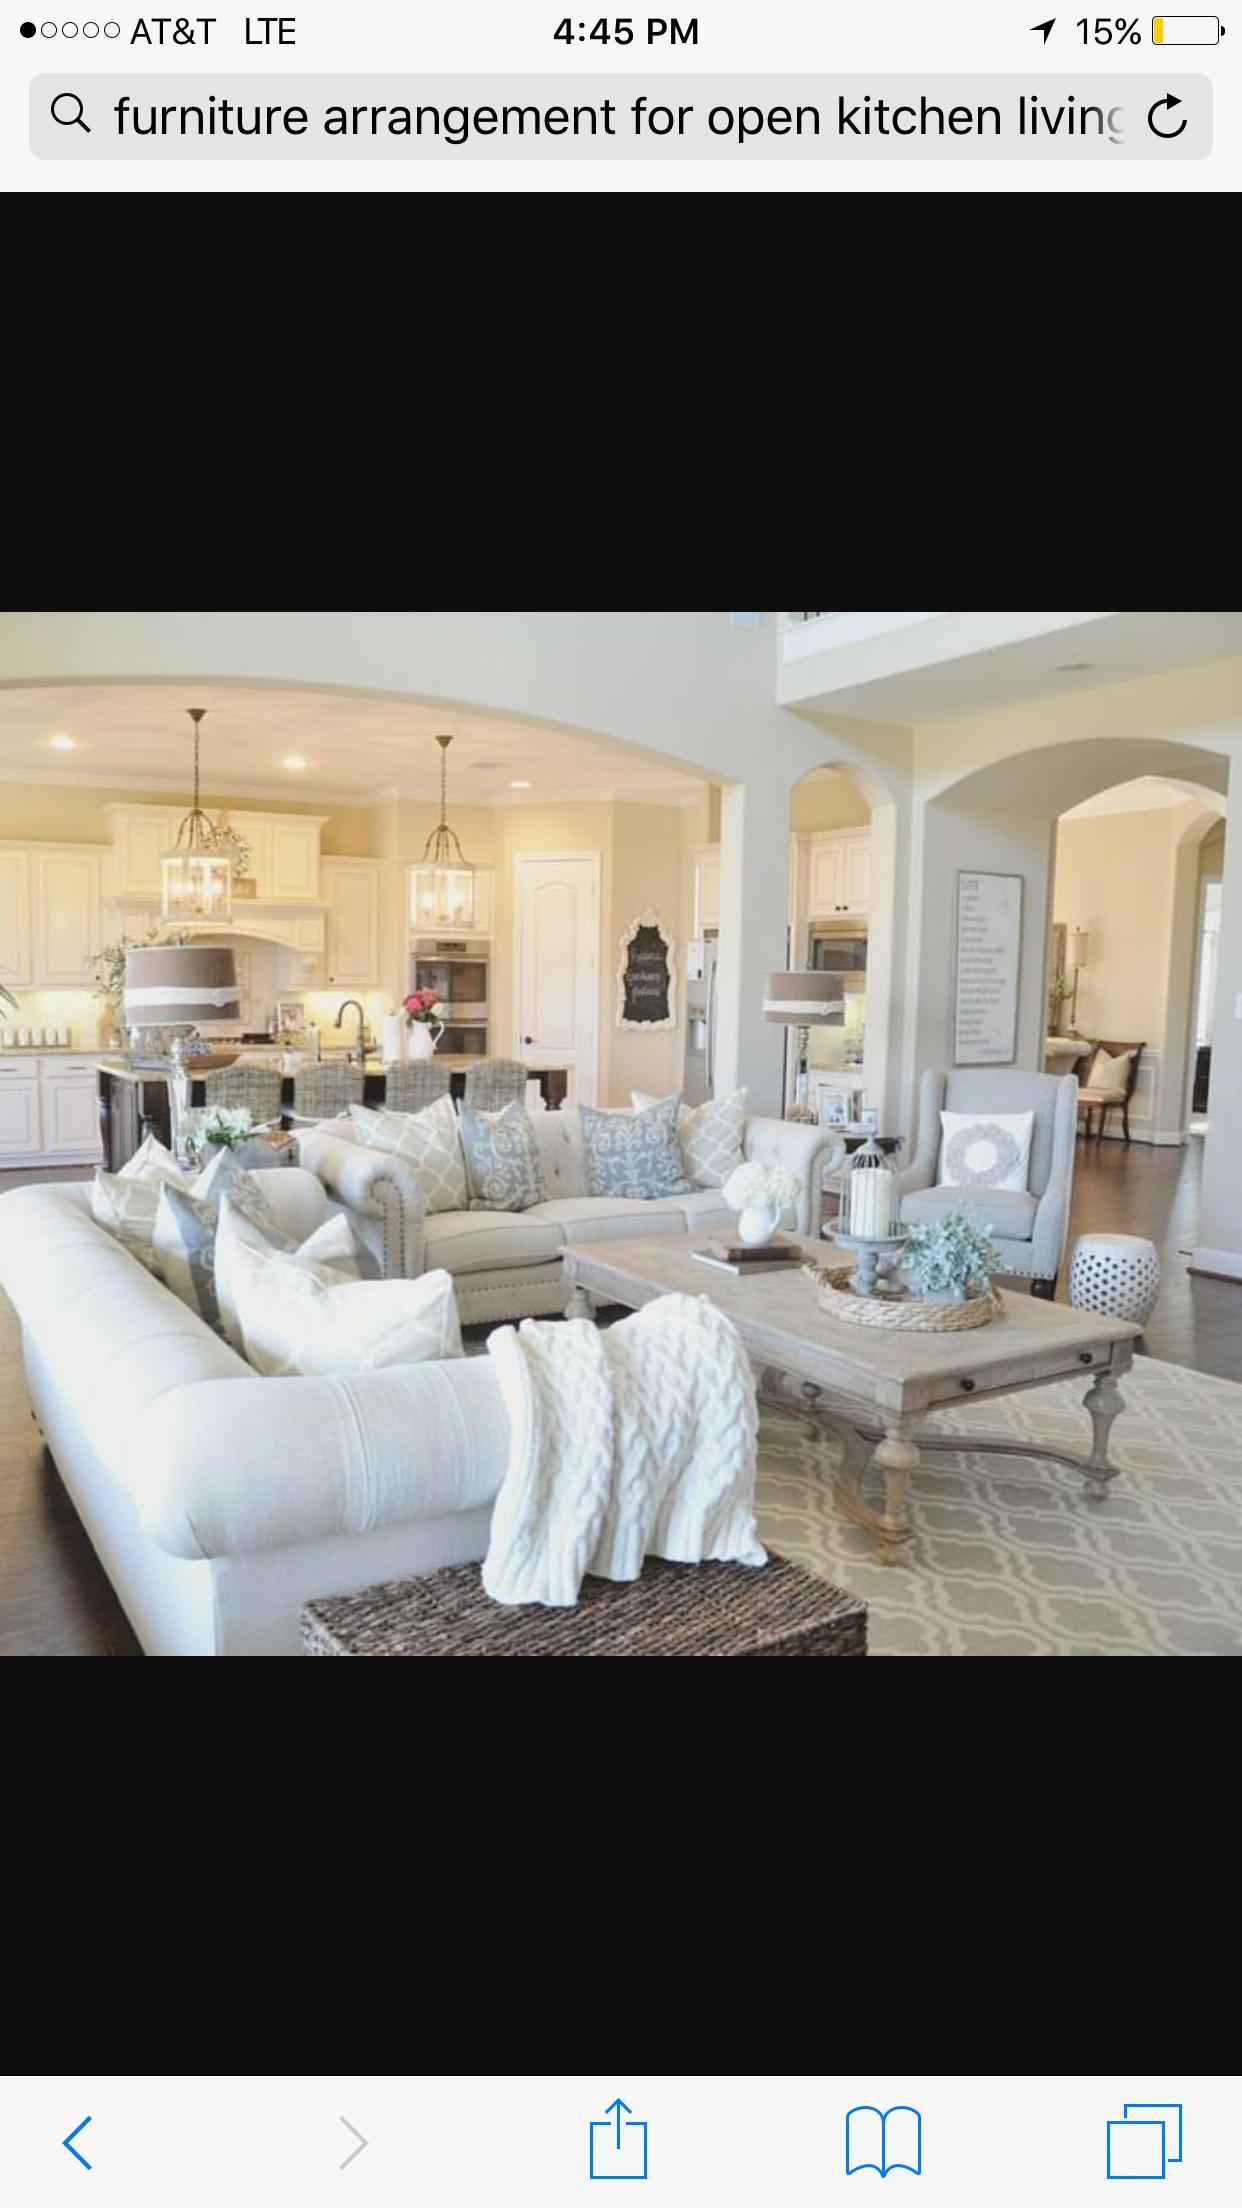 Charmant Aufteilung, Architekten, Wohnzimmer, Wohnen, Wohnung Möbel Layout, Warmes  Zuhause Dekor, Wohnzimmer Möbel Layout, Wohnzimmer Neutral, Neutrale Couch